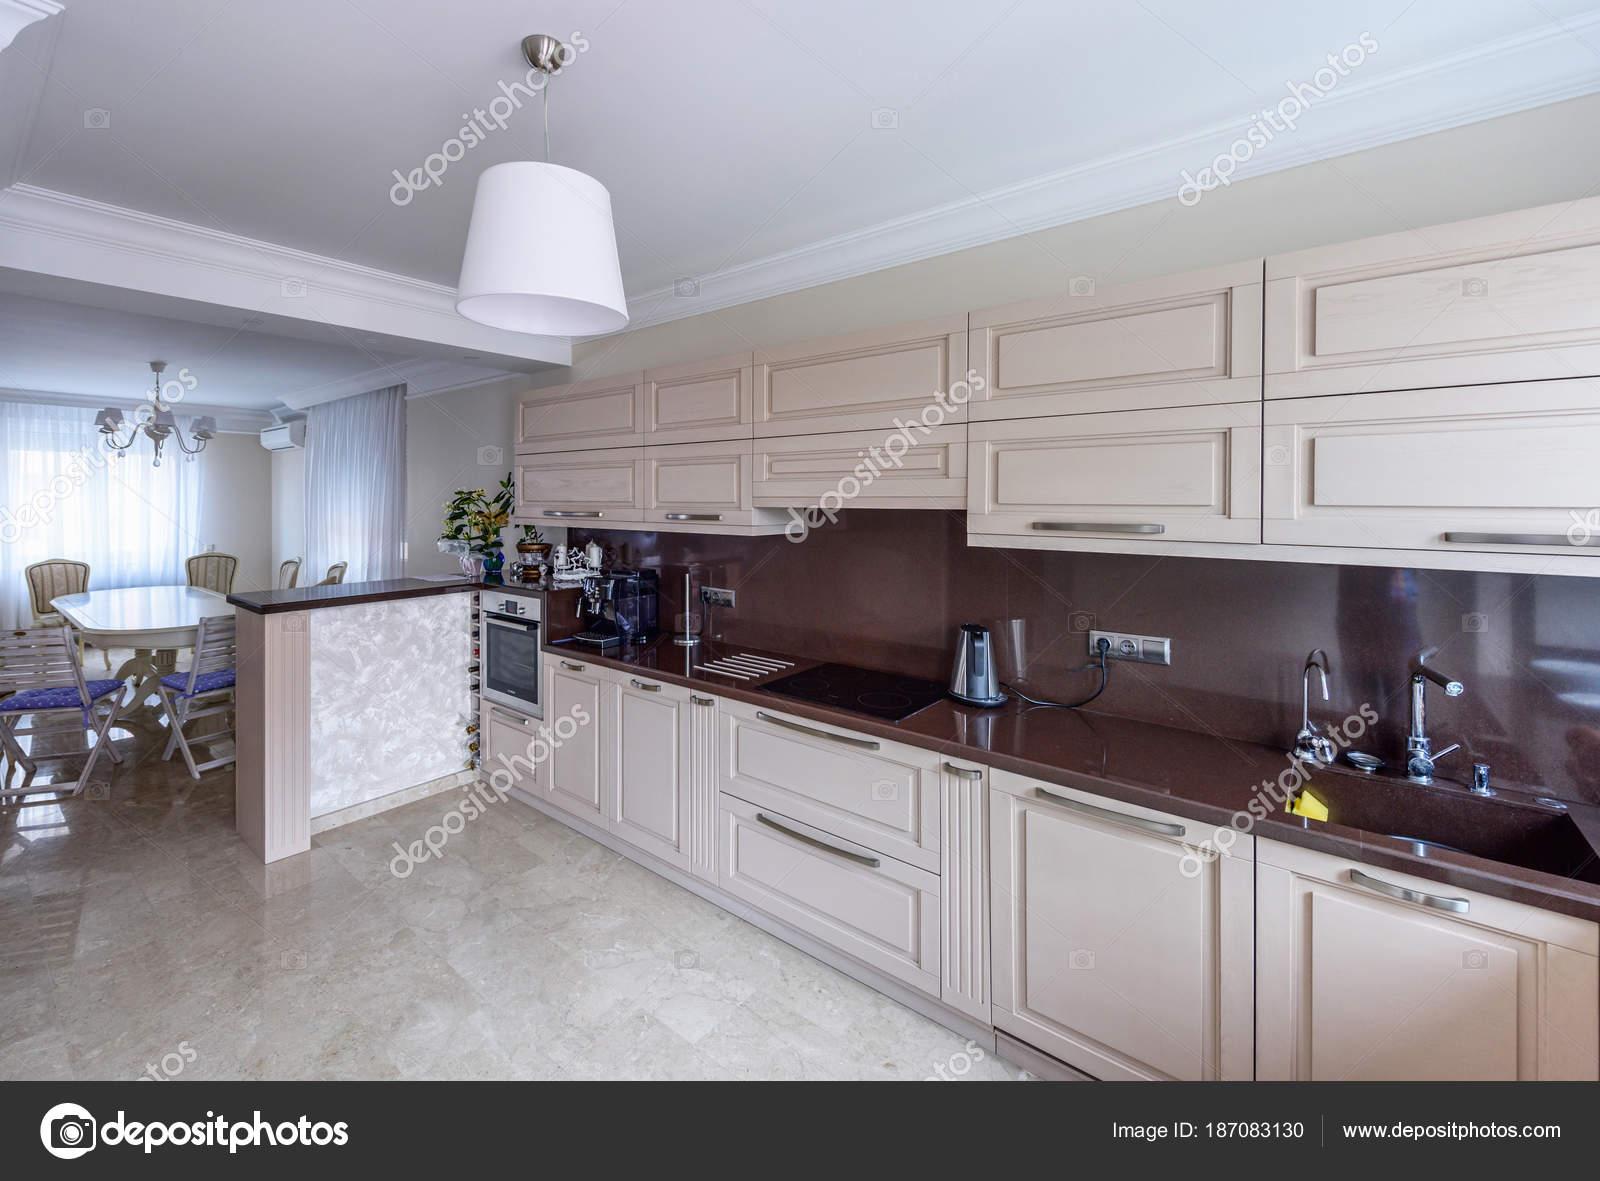 Moderne Küche Interieur. Appartement-Design-Weitwinkel-Foto ...